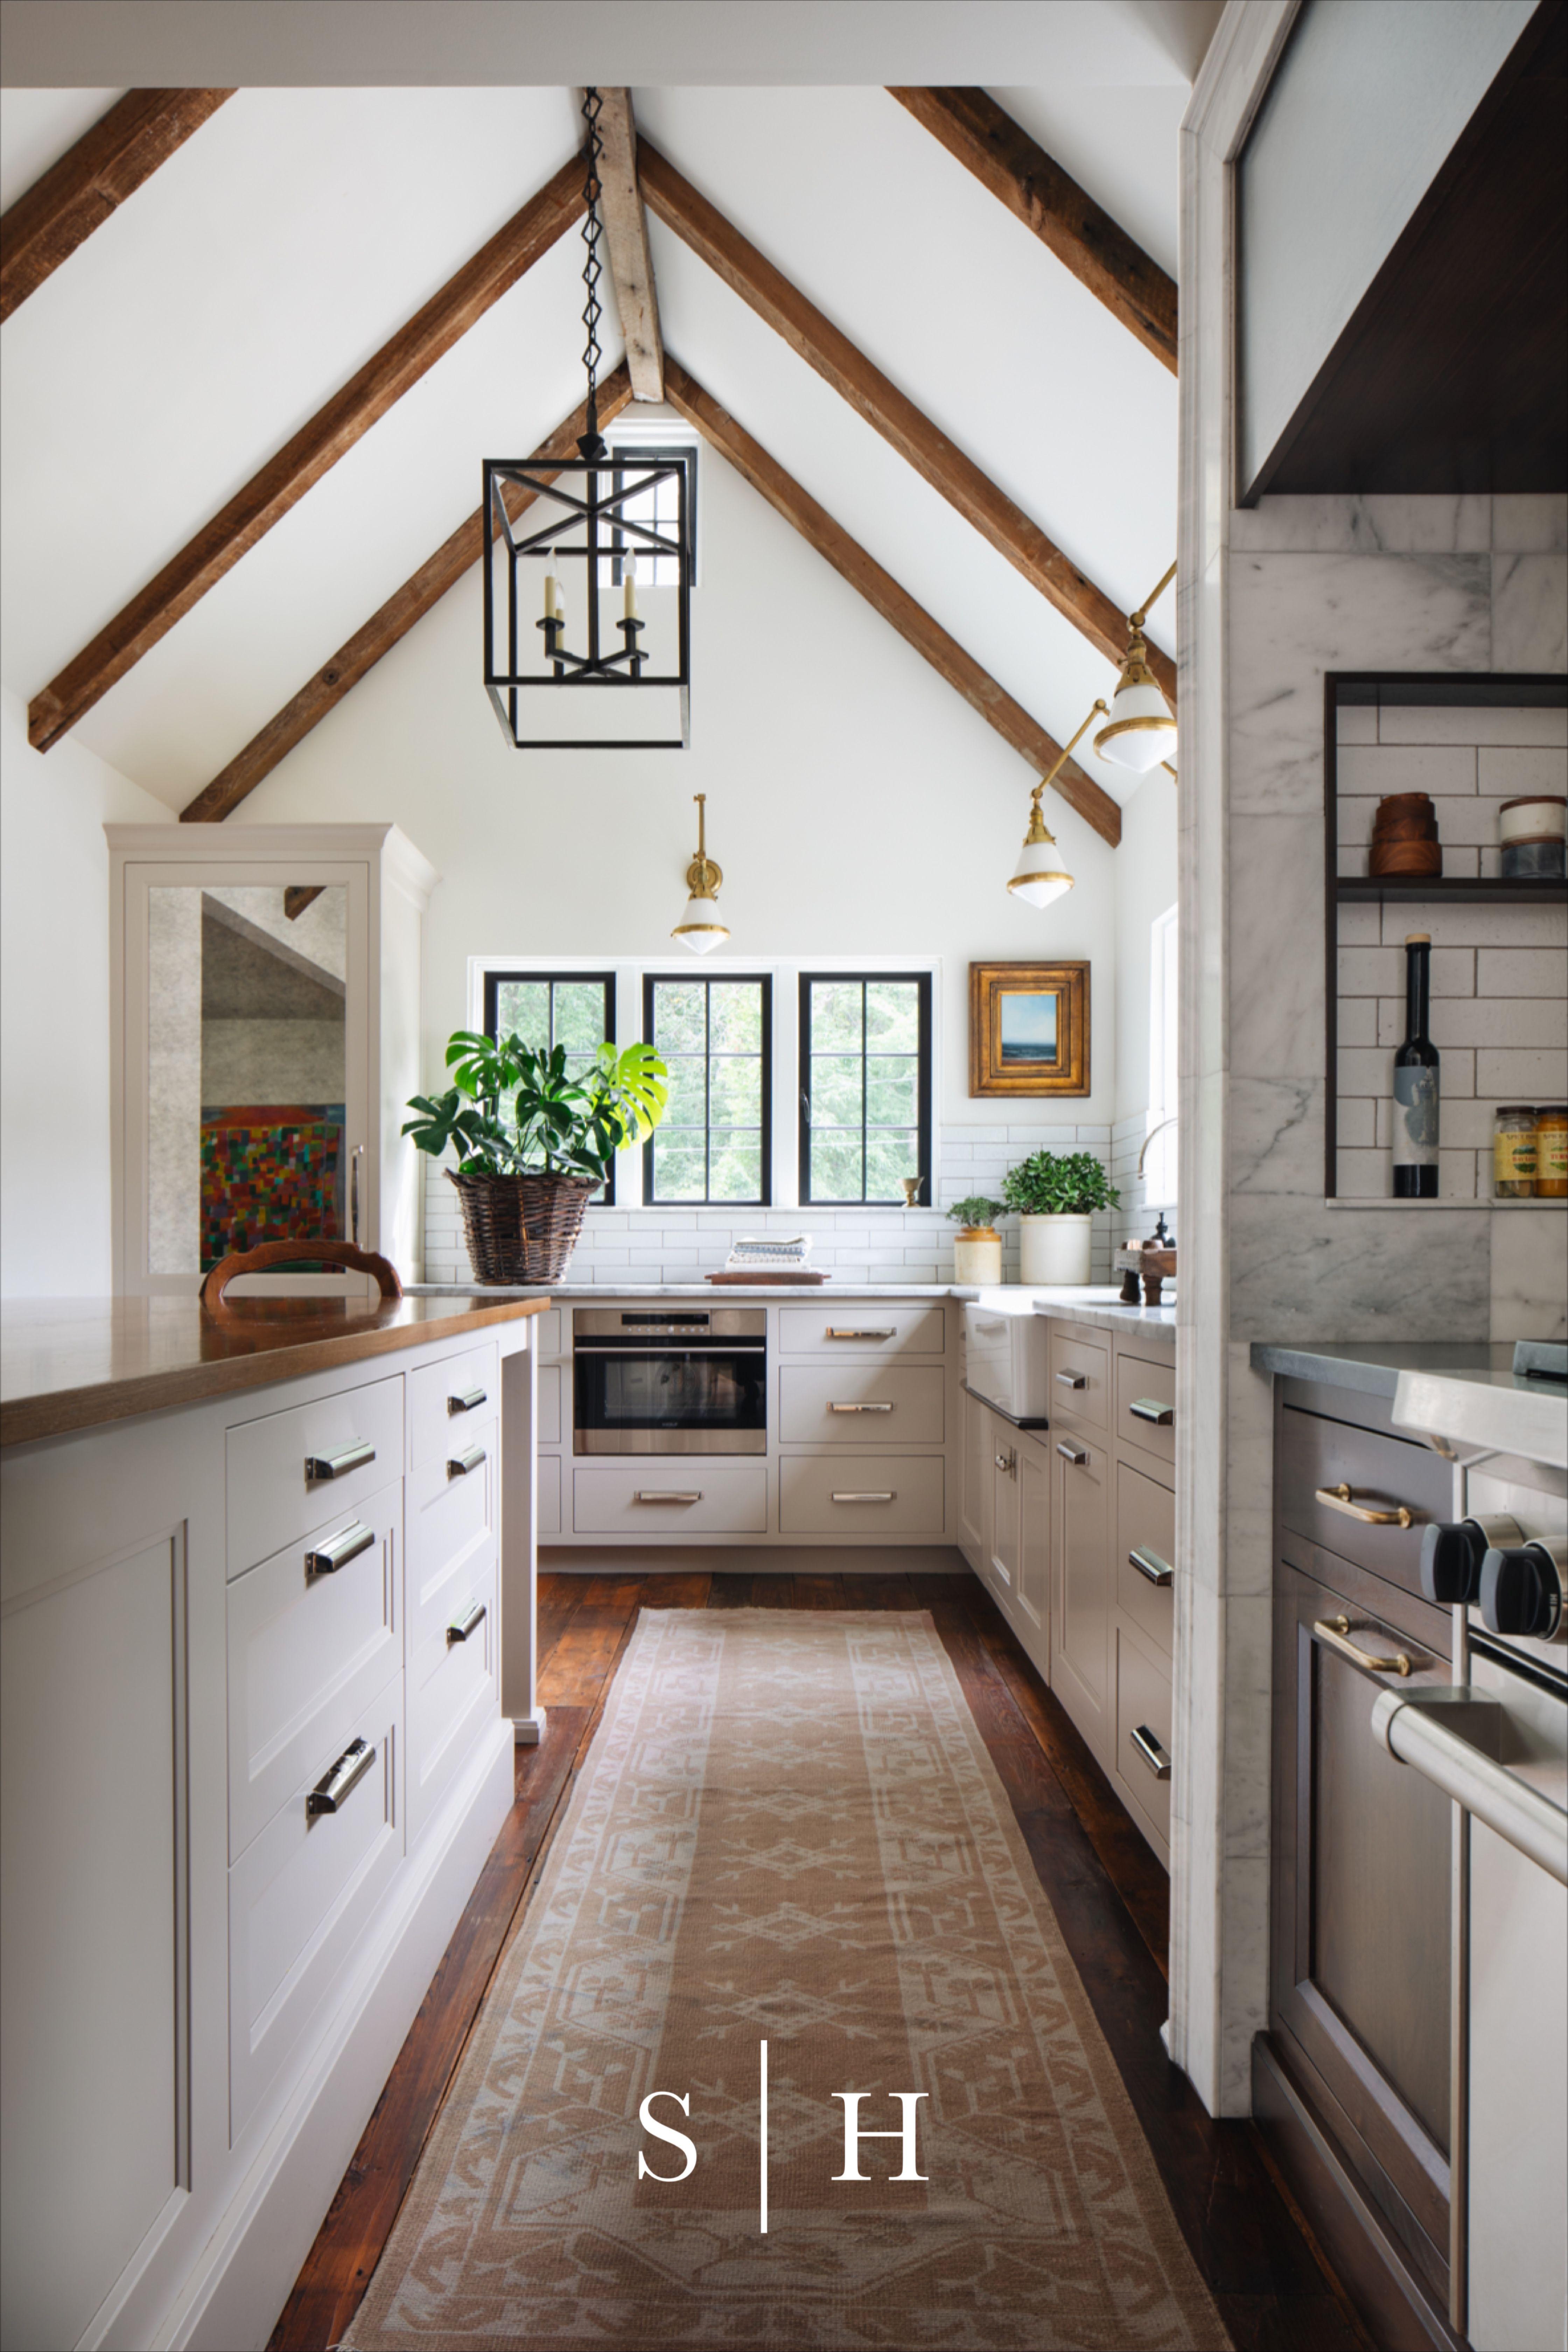 English Cottage Kitchen Design Kitchen Accessories English Cottage Kitchens Vaulted Ceiling Kitchen Cottage Kitchen Design